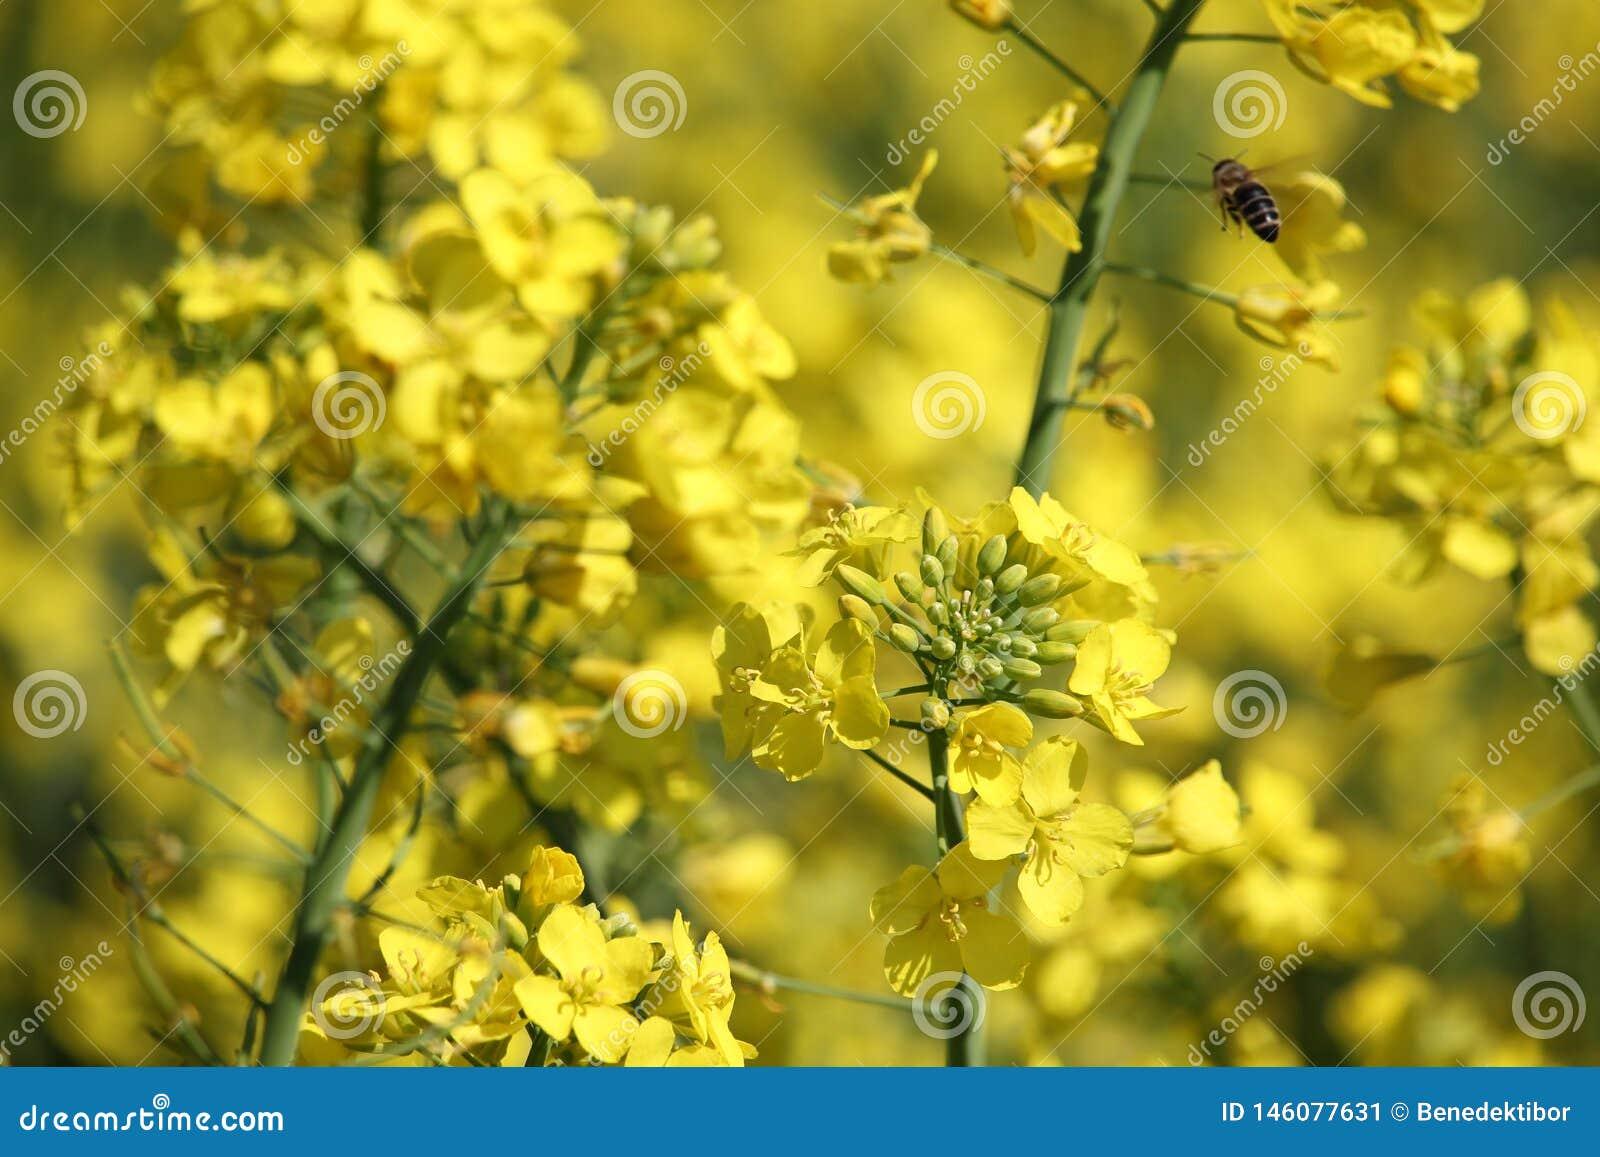 Κίτρινα λουλούδια βιασμών με την πετώντας κινηματογράφηση σε πρώτο πλάνο μελισσών